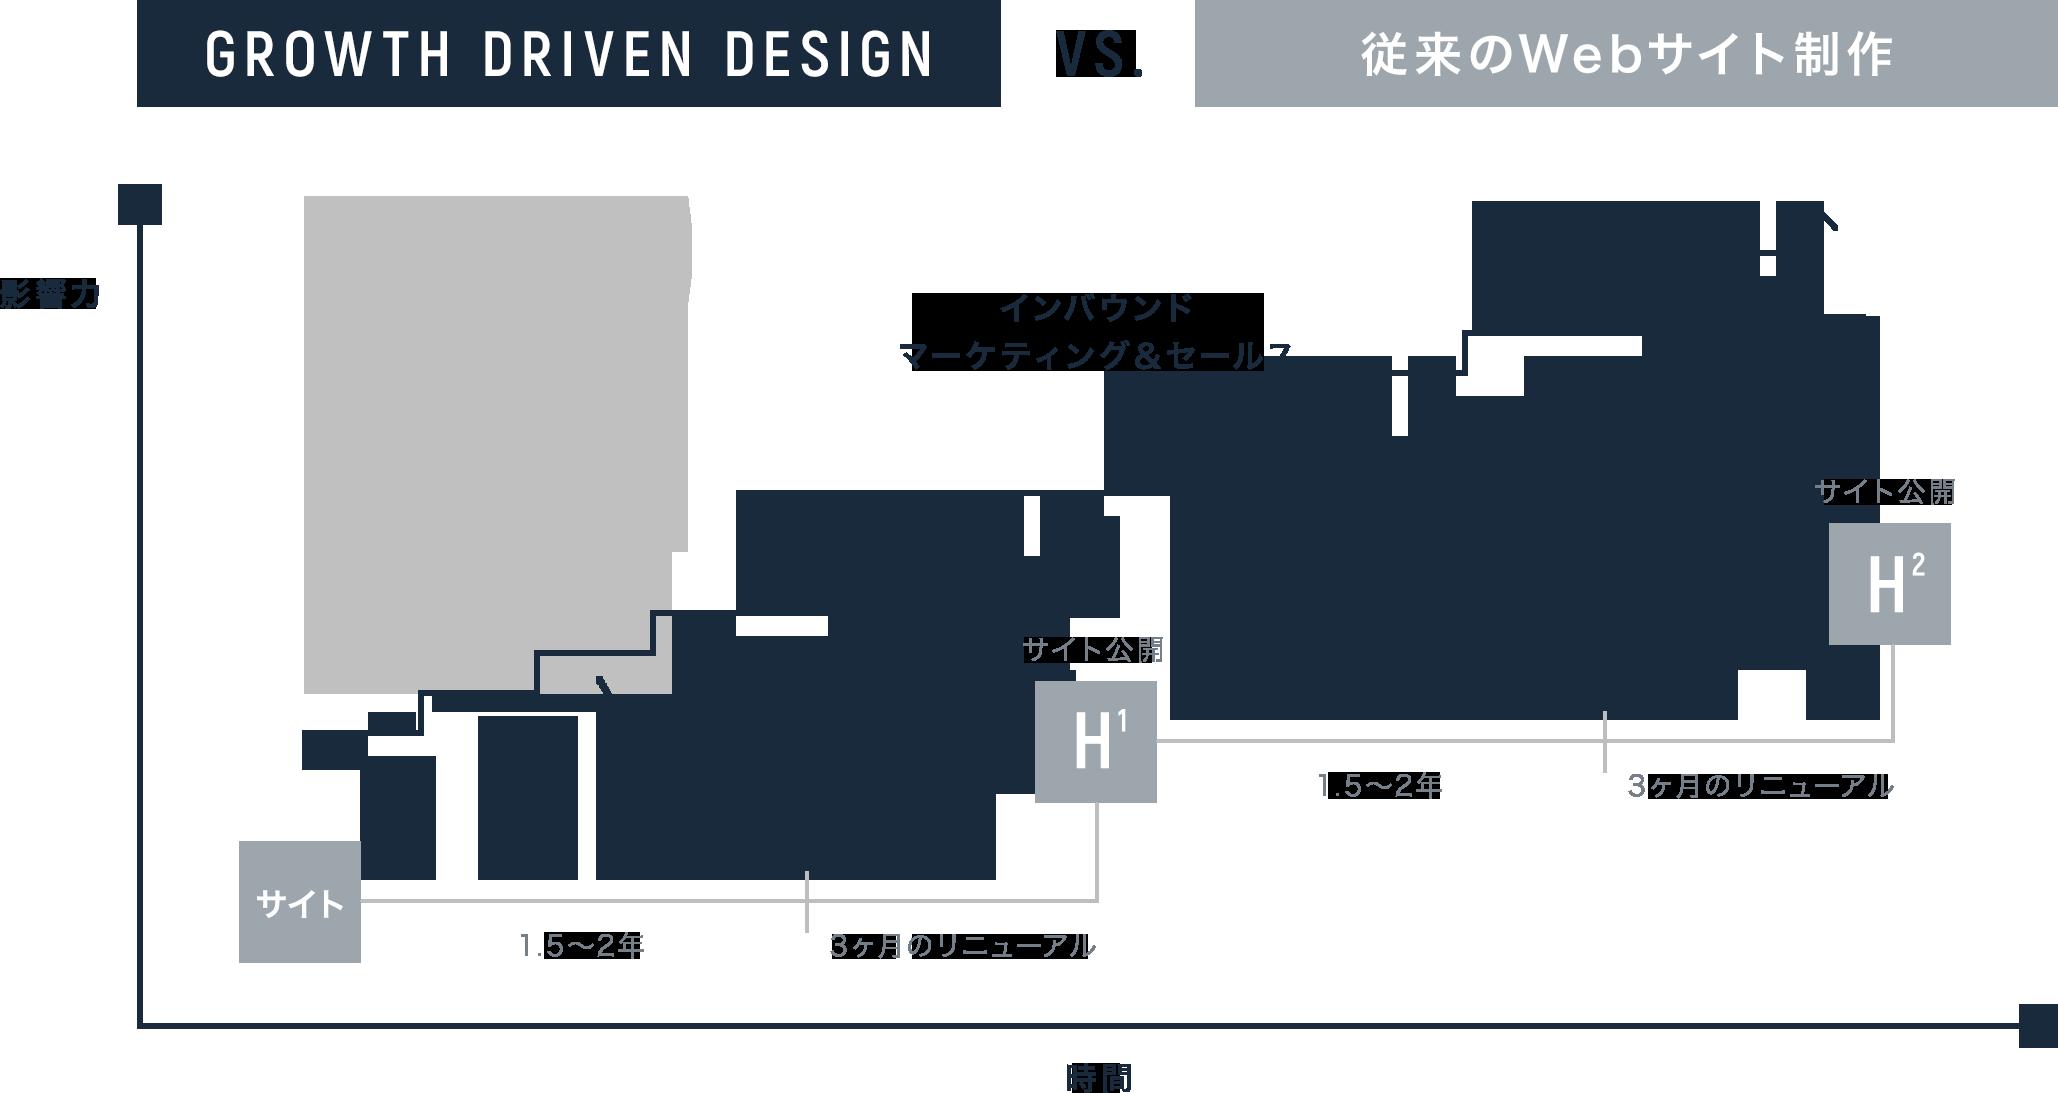 グロース・ドリブン・デザインと従来のWebサイト制作の比較グラフ